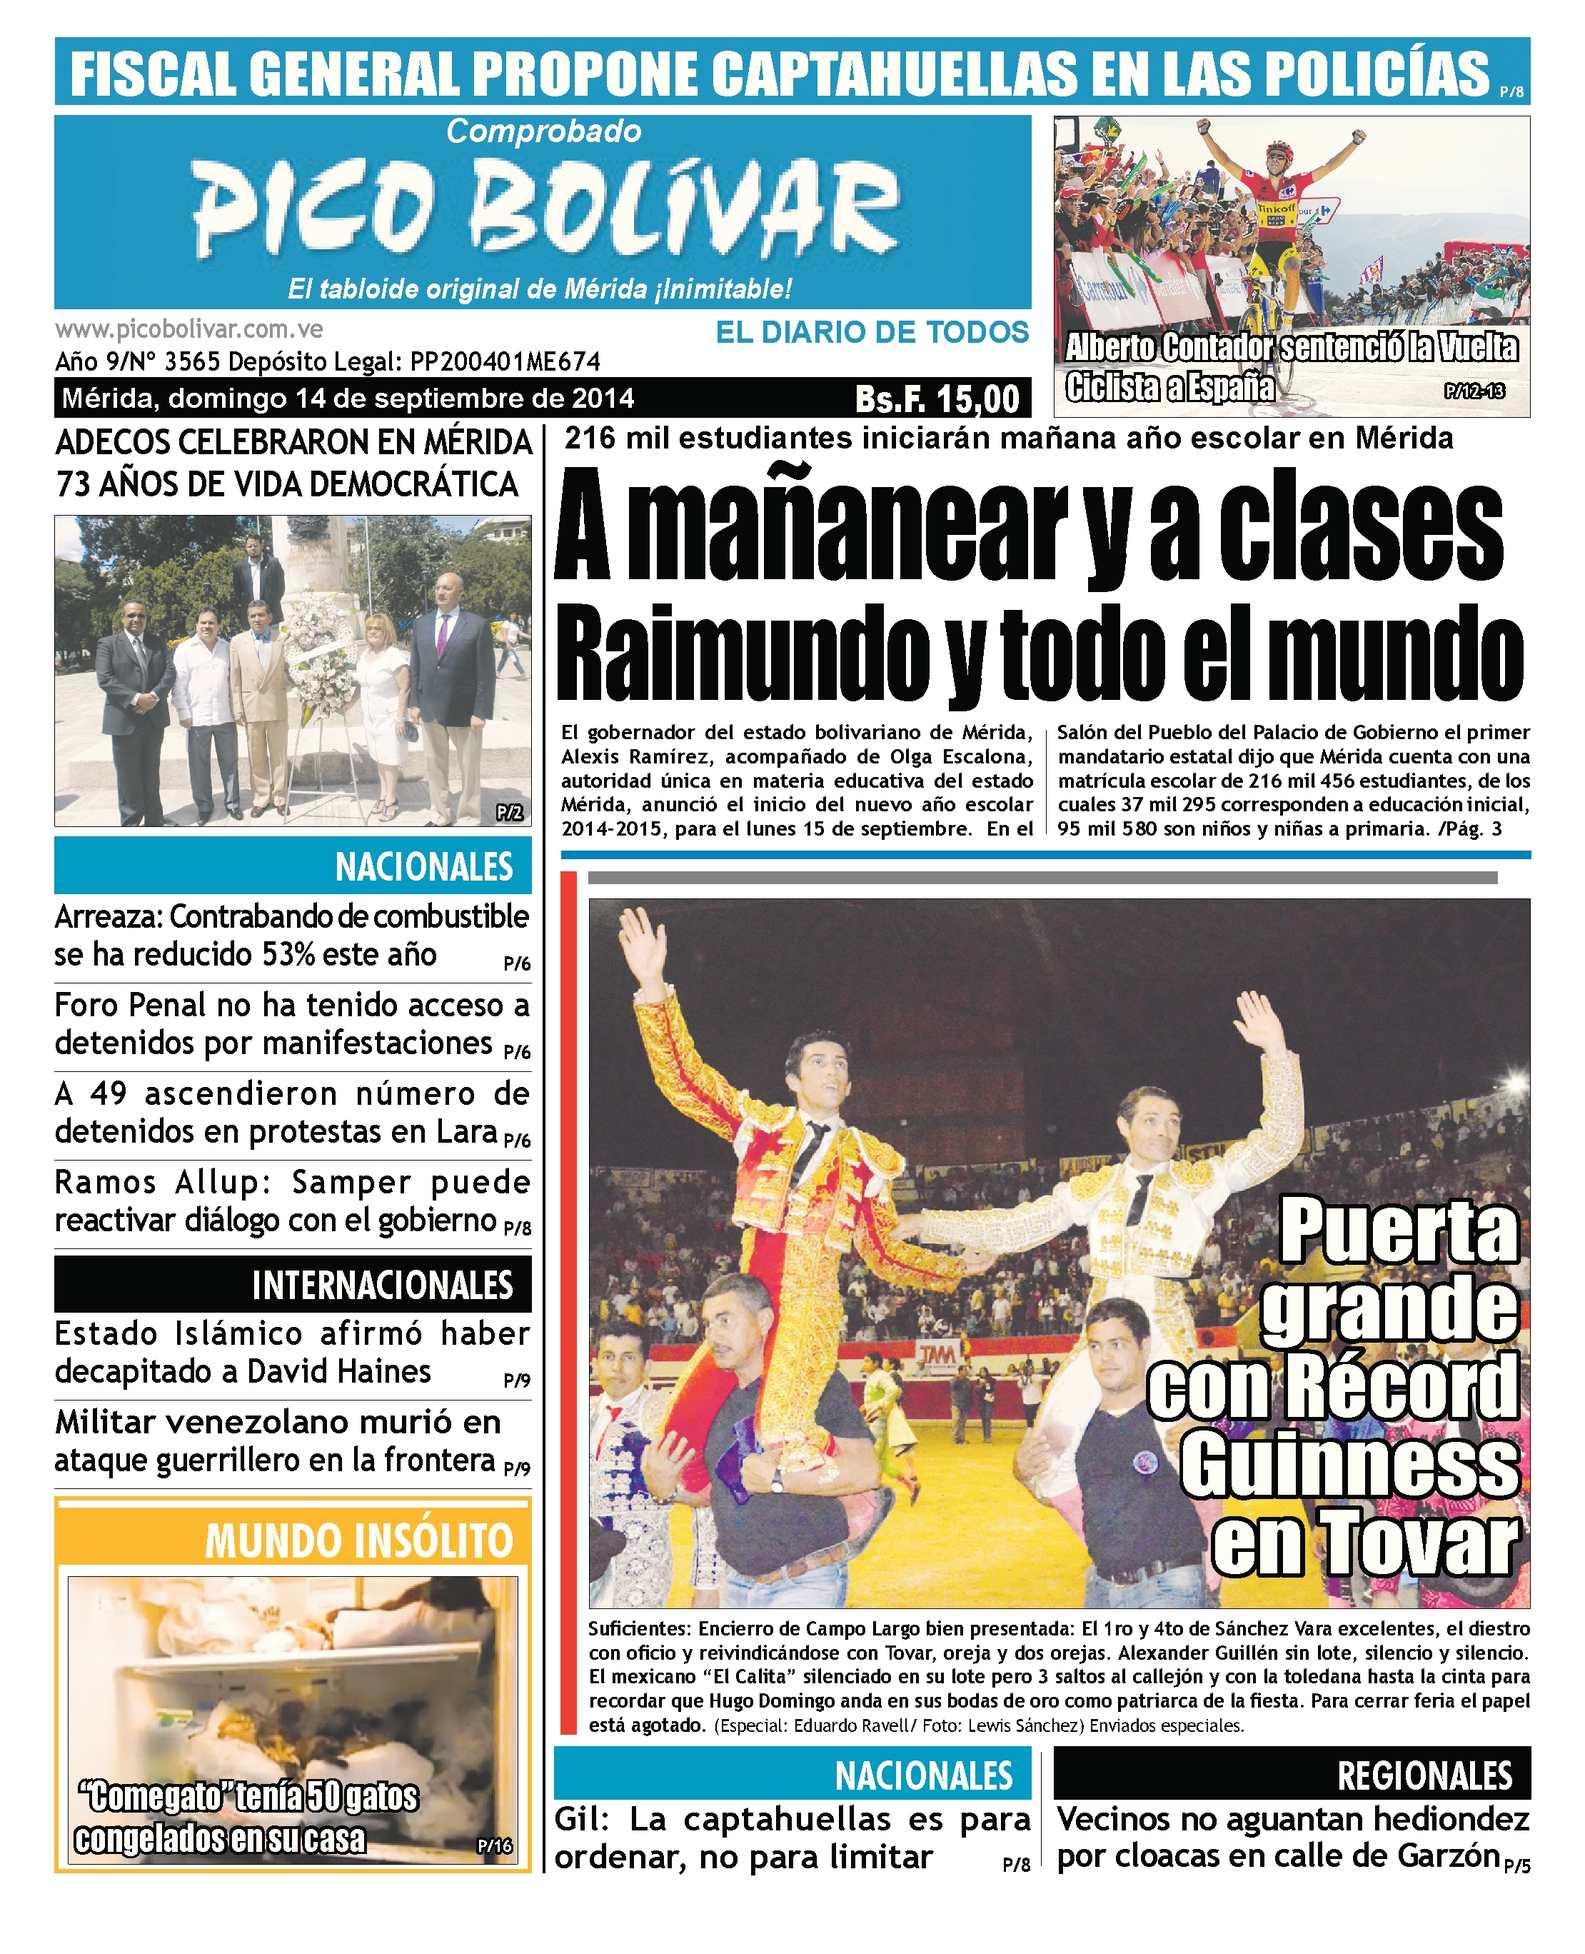 Calameo 14 09 2014